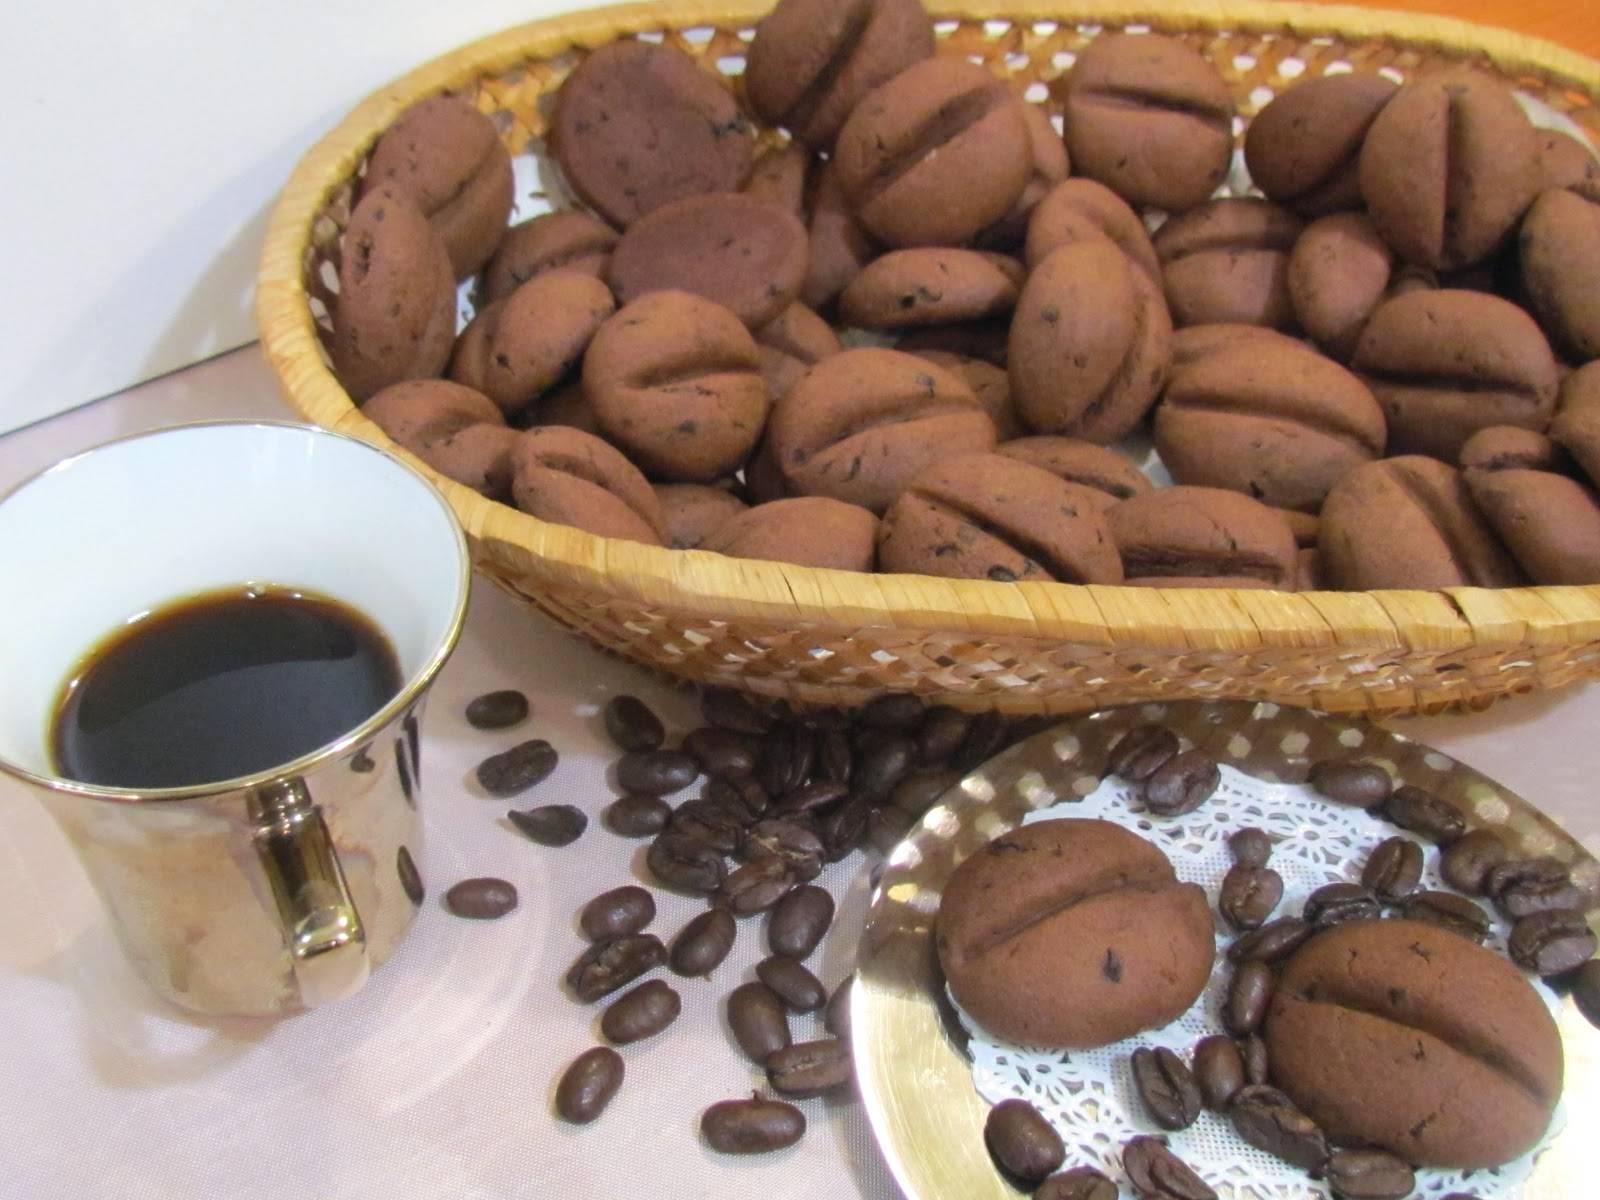 Кофе с орехами: виды, рецепты и особенности приготовления напитка